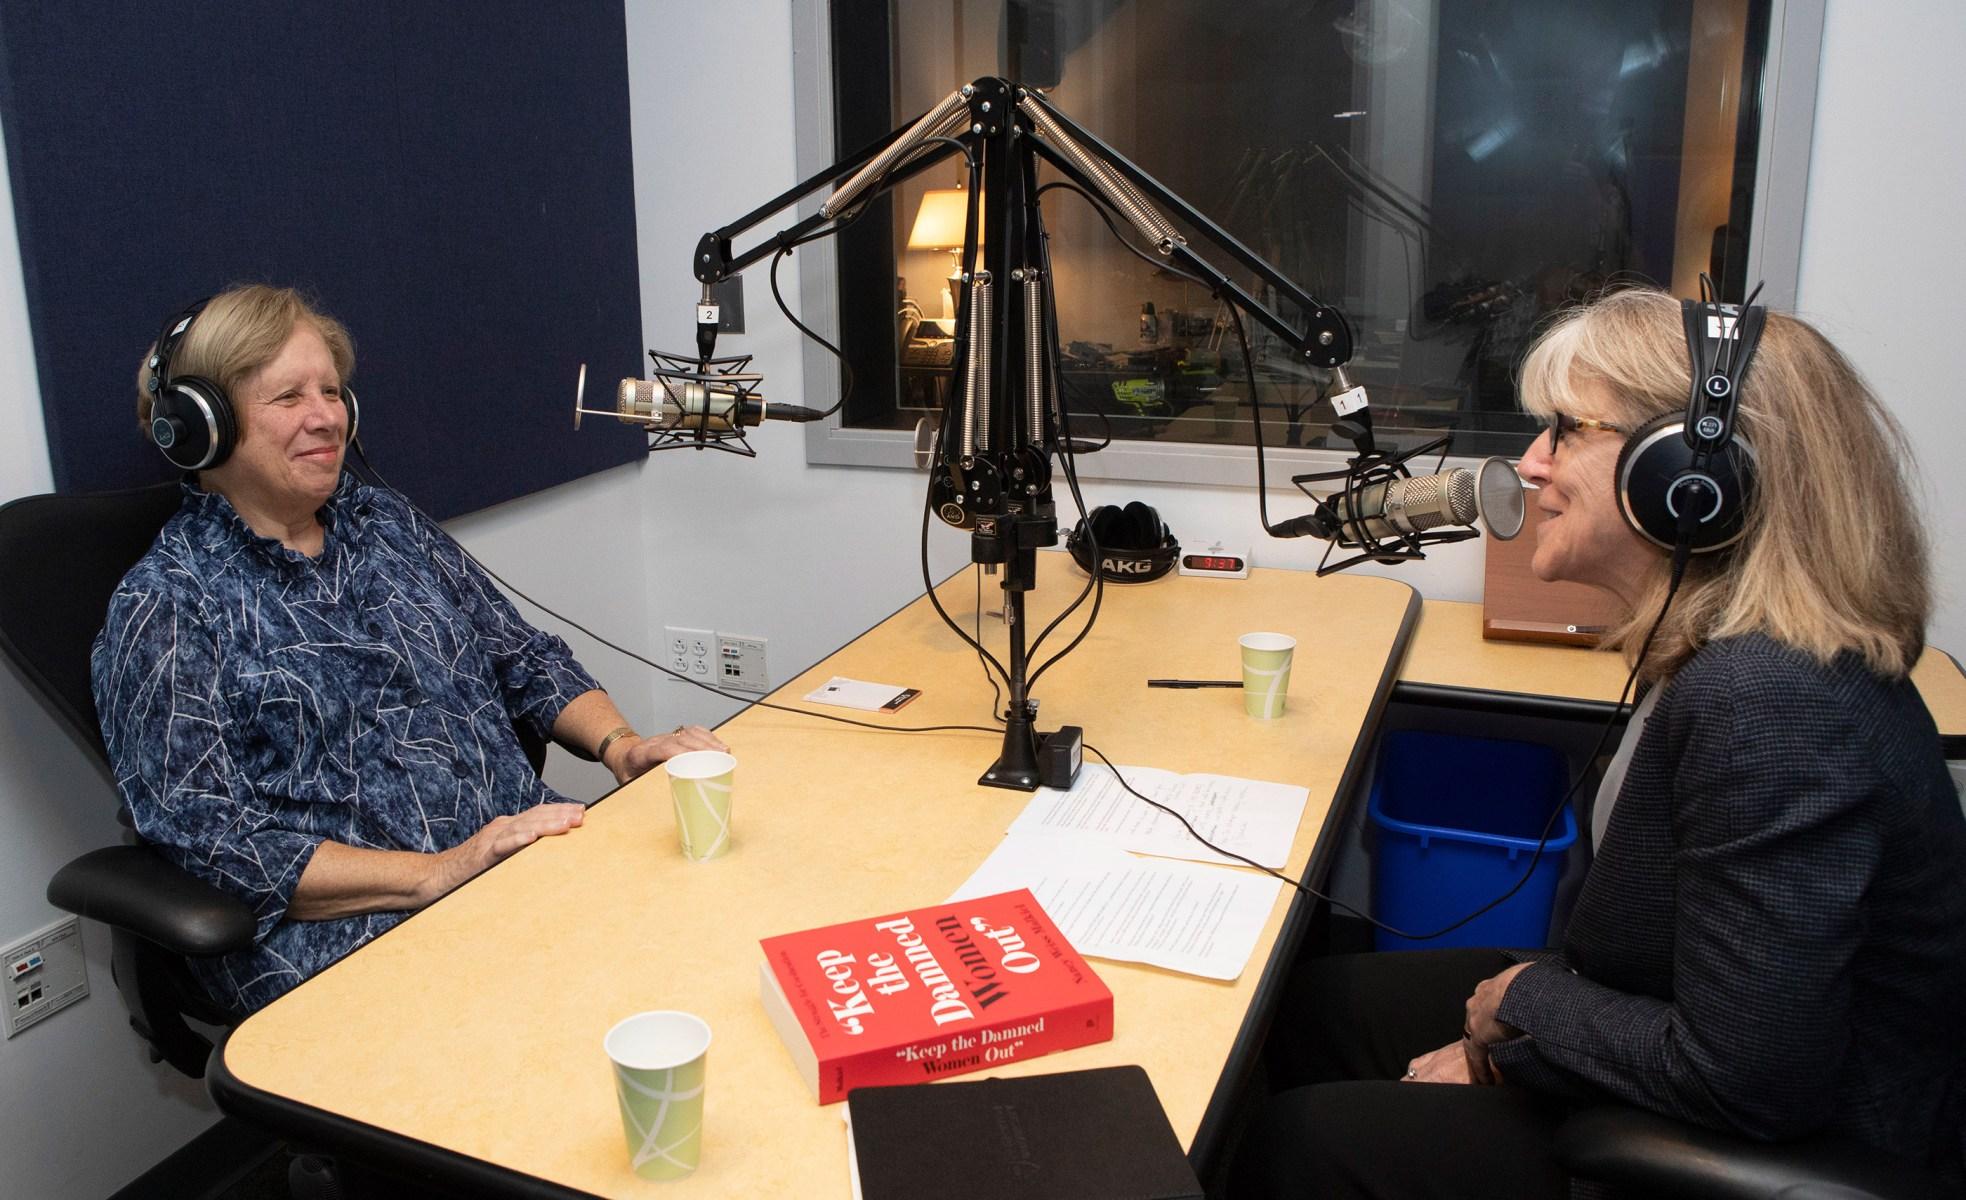 Nancy Weiss Malkiel in the studio